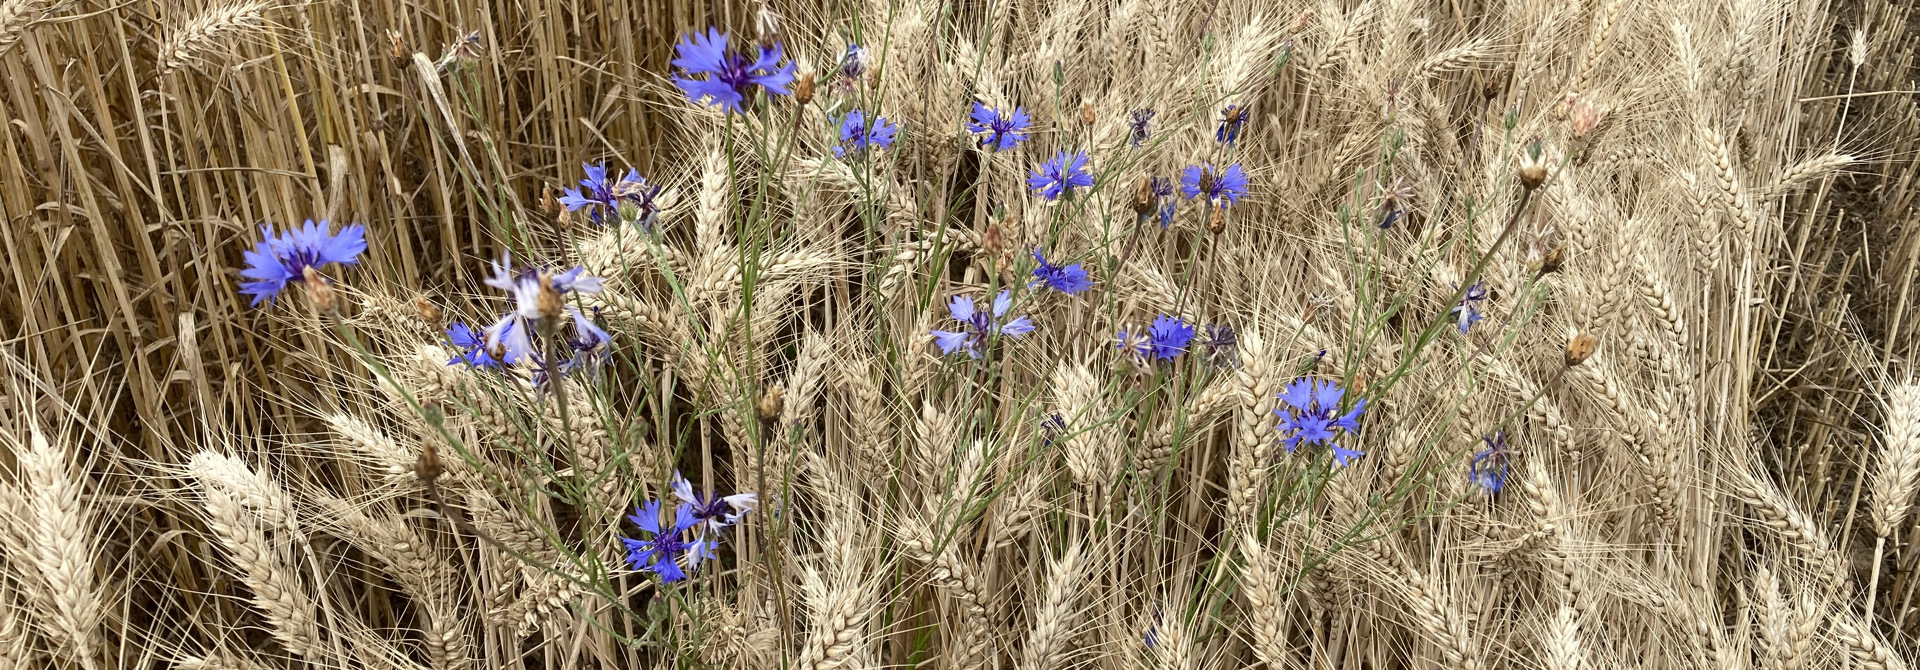 Kornblumen im Bioweizenversuch am Stiegenhof (Bild: K. Carrel, Strickhof)>